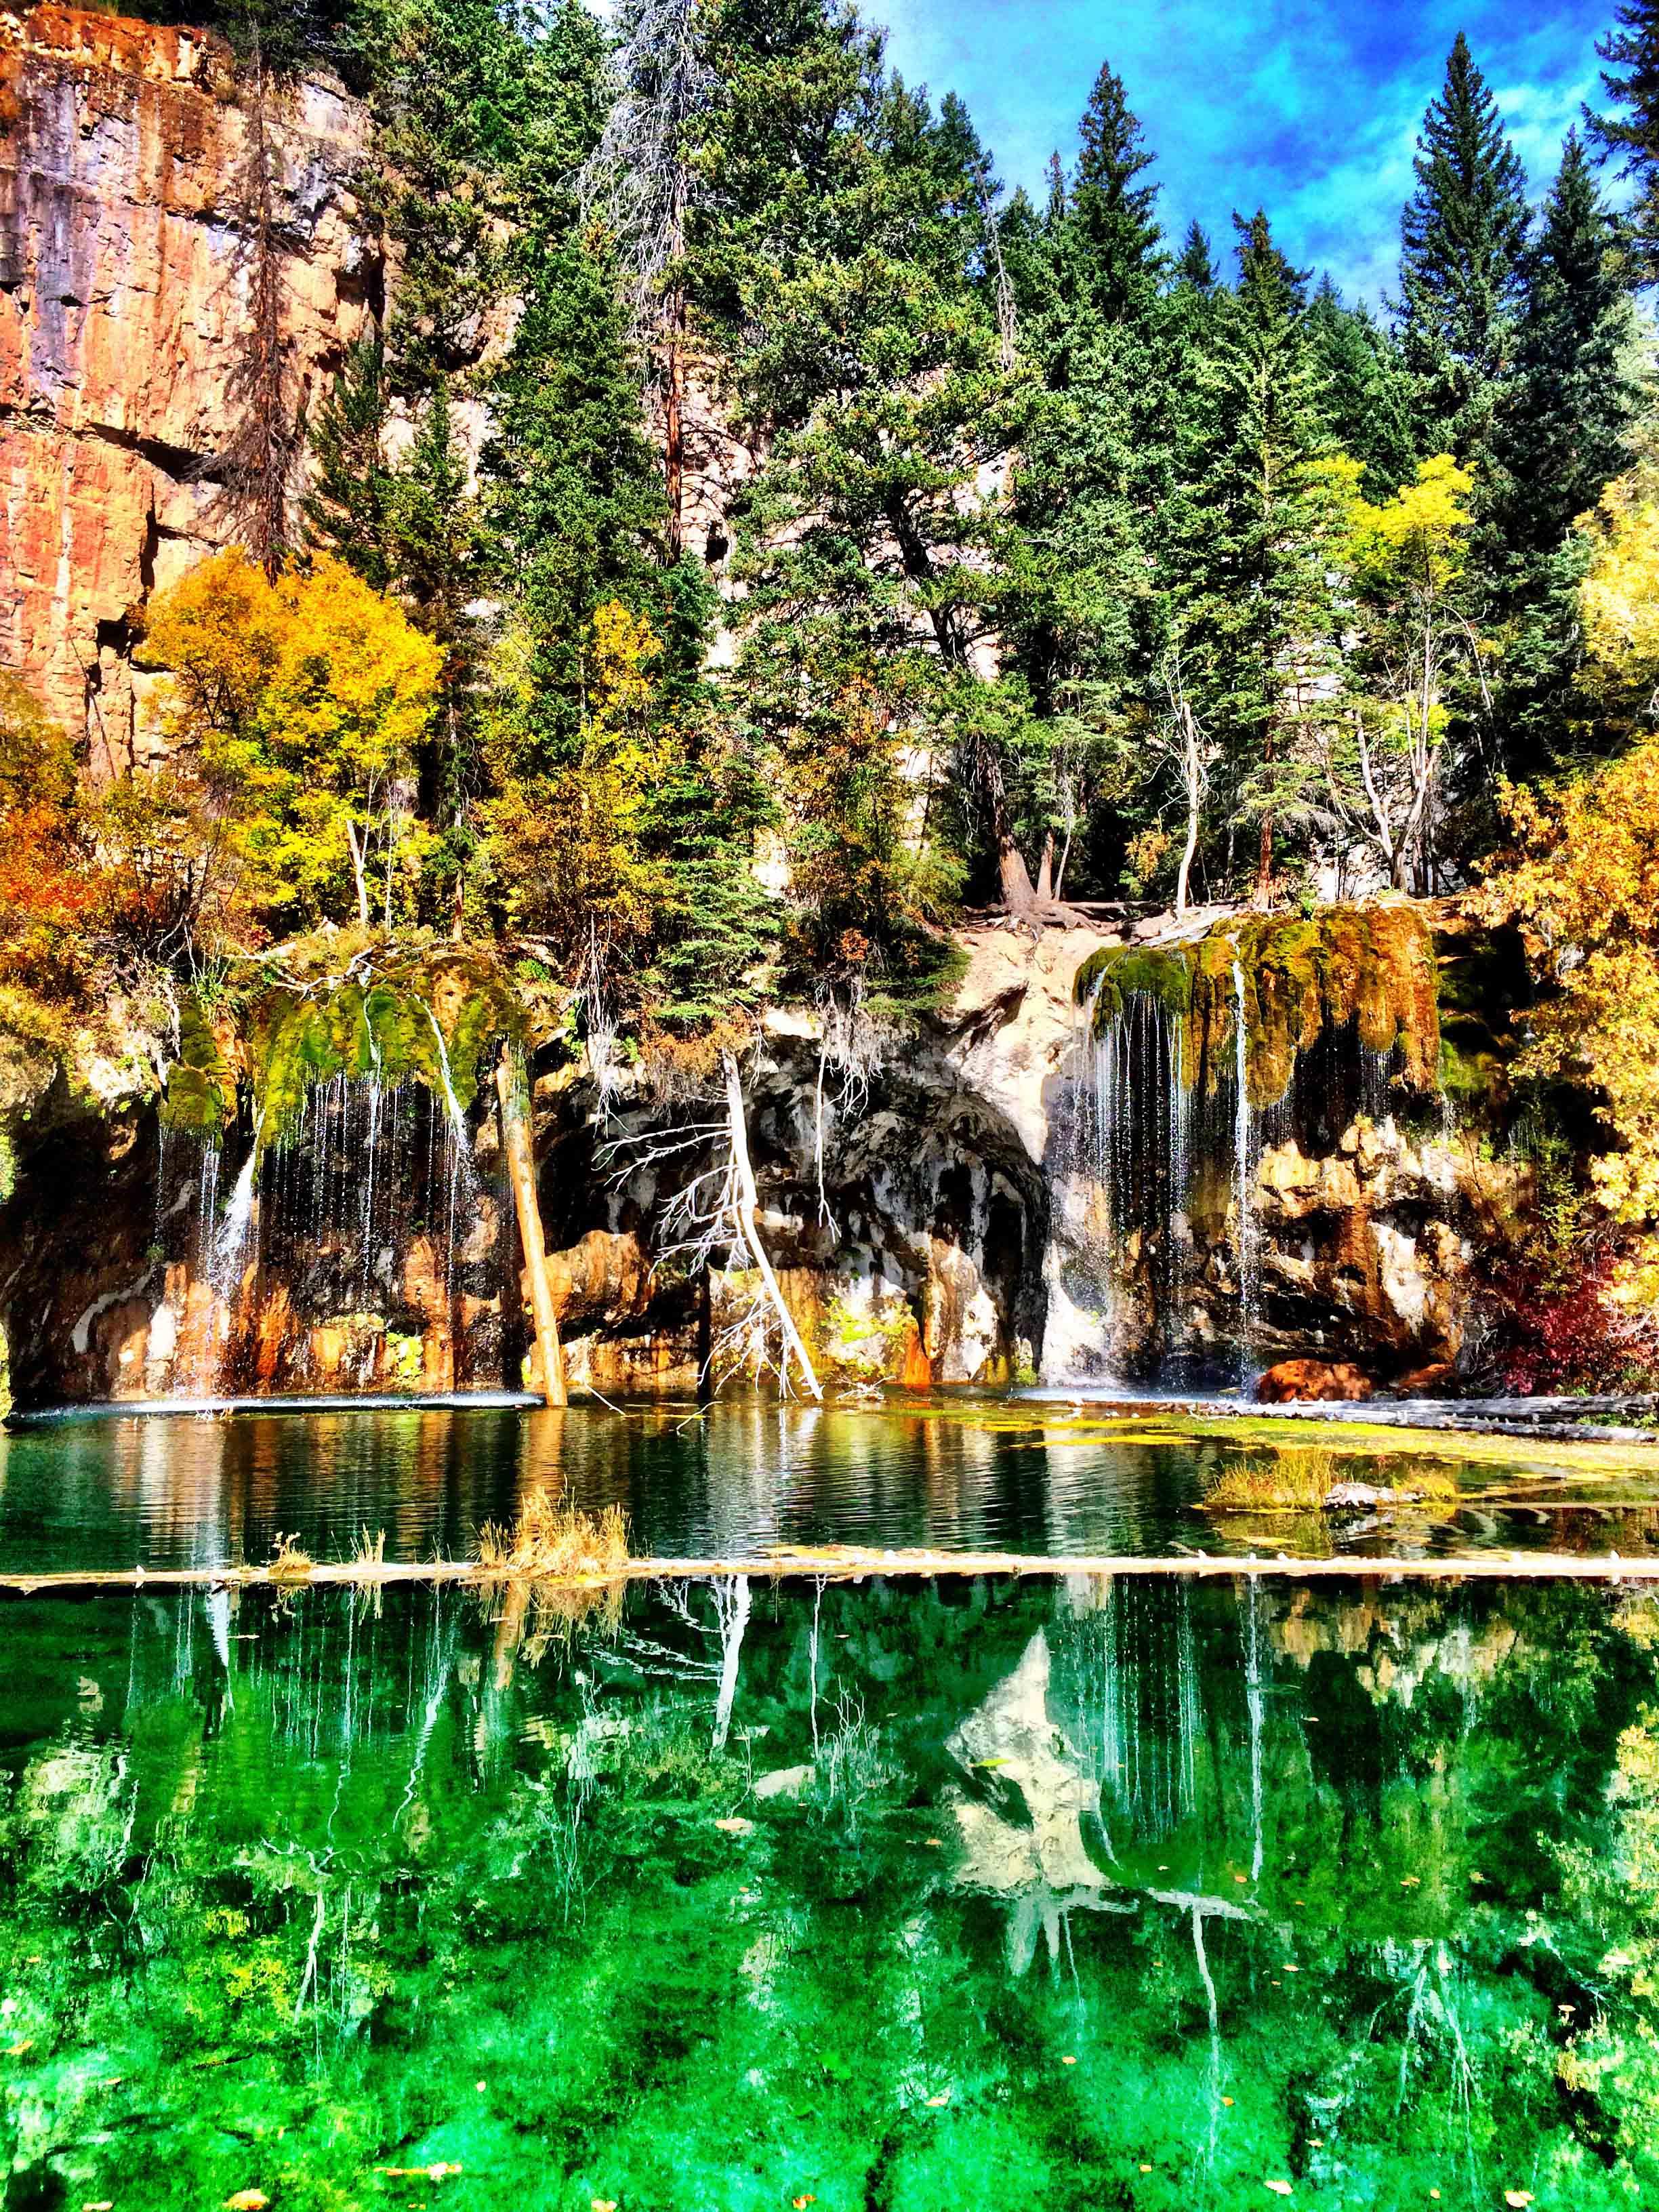 Hidden Lake, Colorado, September 2015